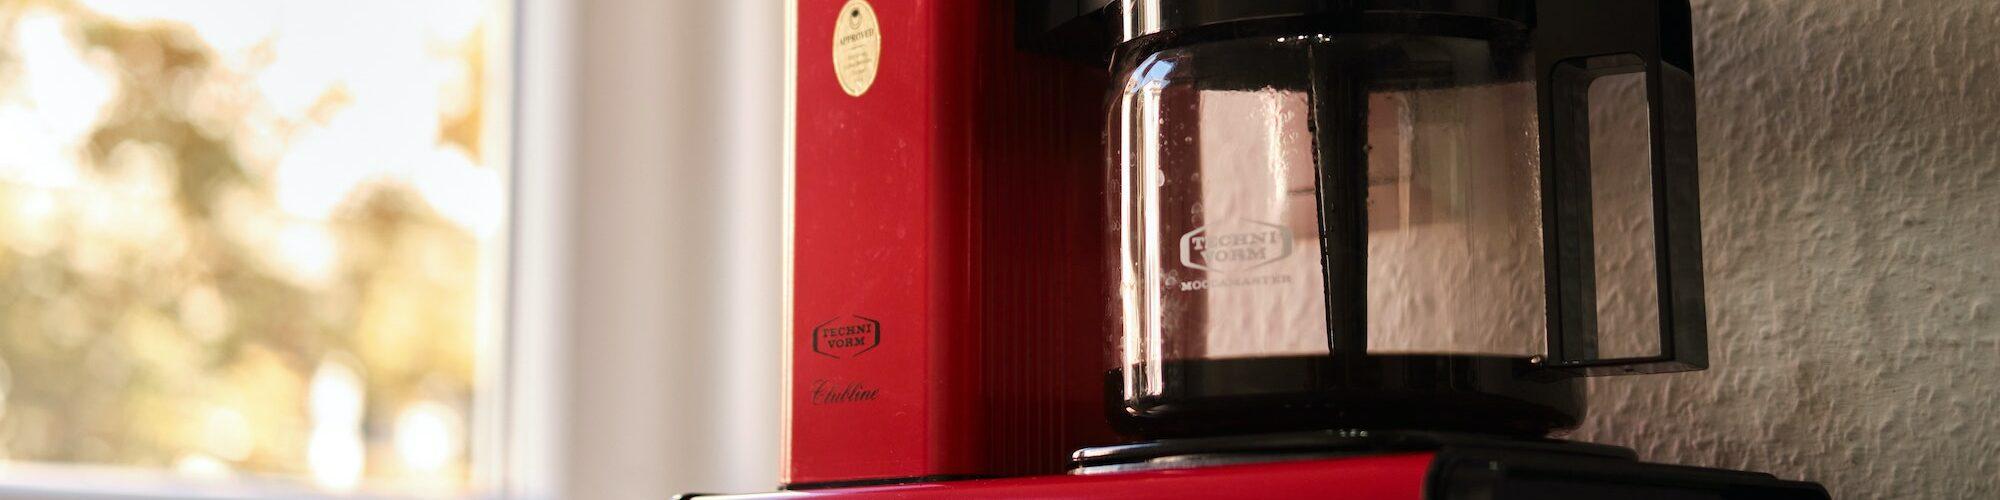 Eine rote Filterkaffee Maschine. Die am häufigsten gewählte Methode zum Kaffee machen in Deutschland